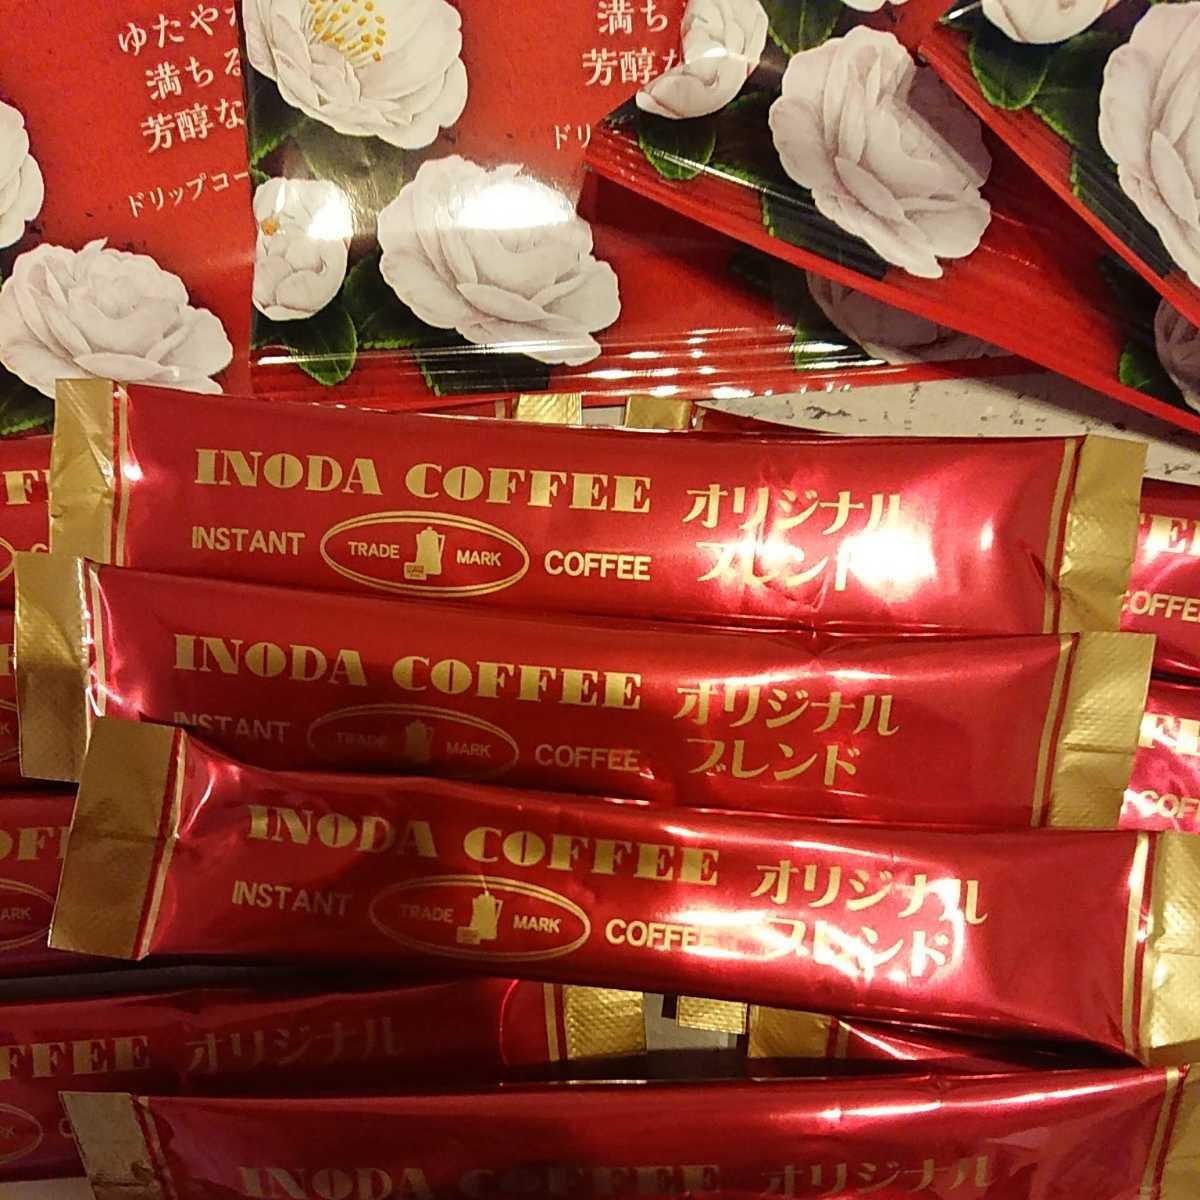 送料無料.*小川珈琲 ドリップコーヒー ・イノダコーヒー インスタントコーヒー飲み比べ_画像2